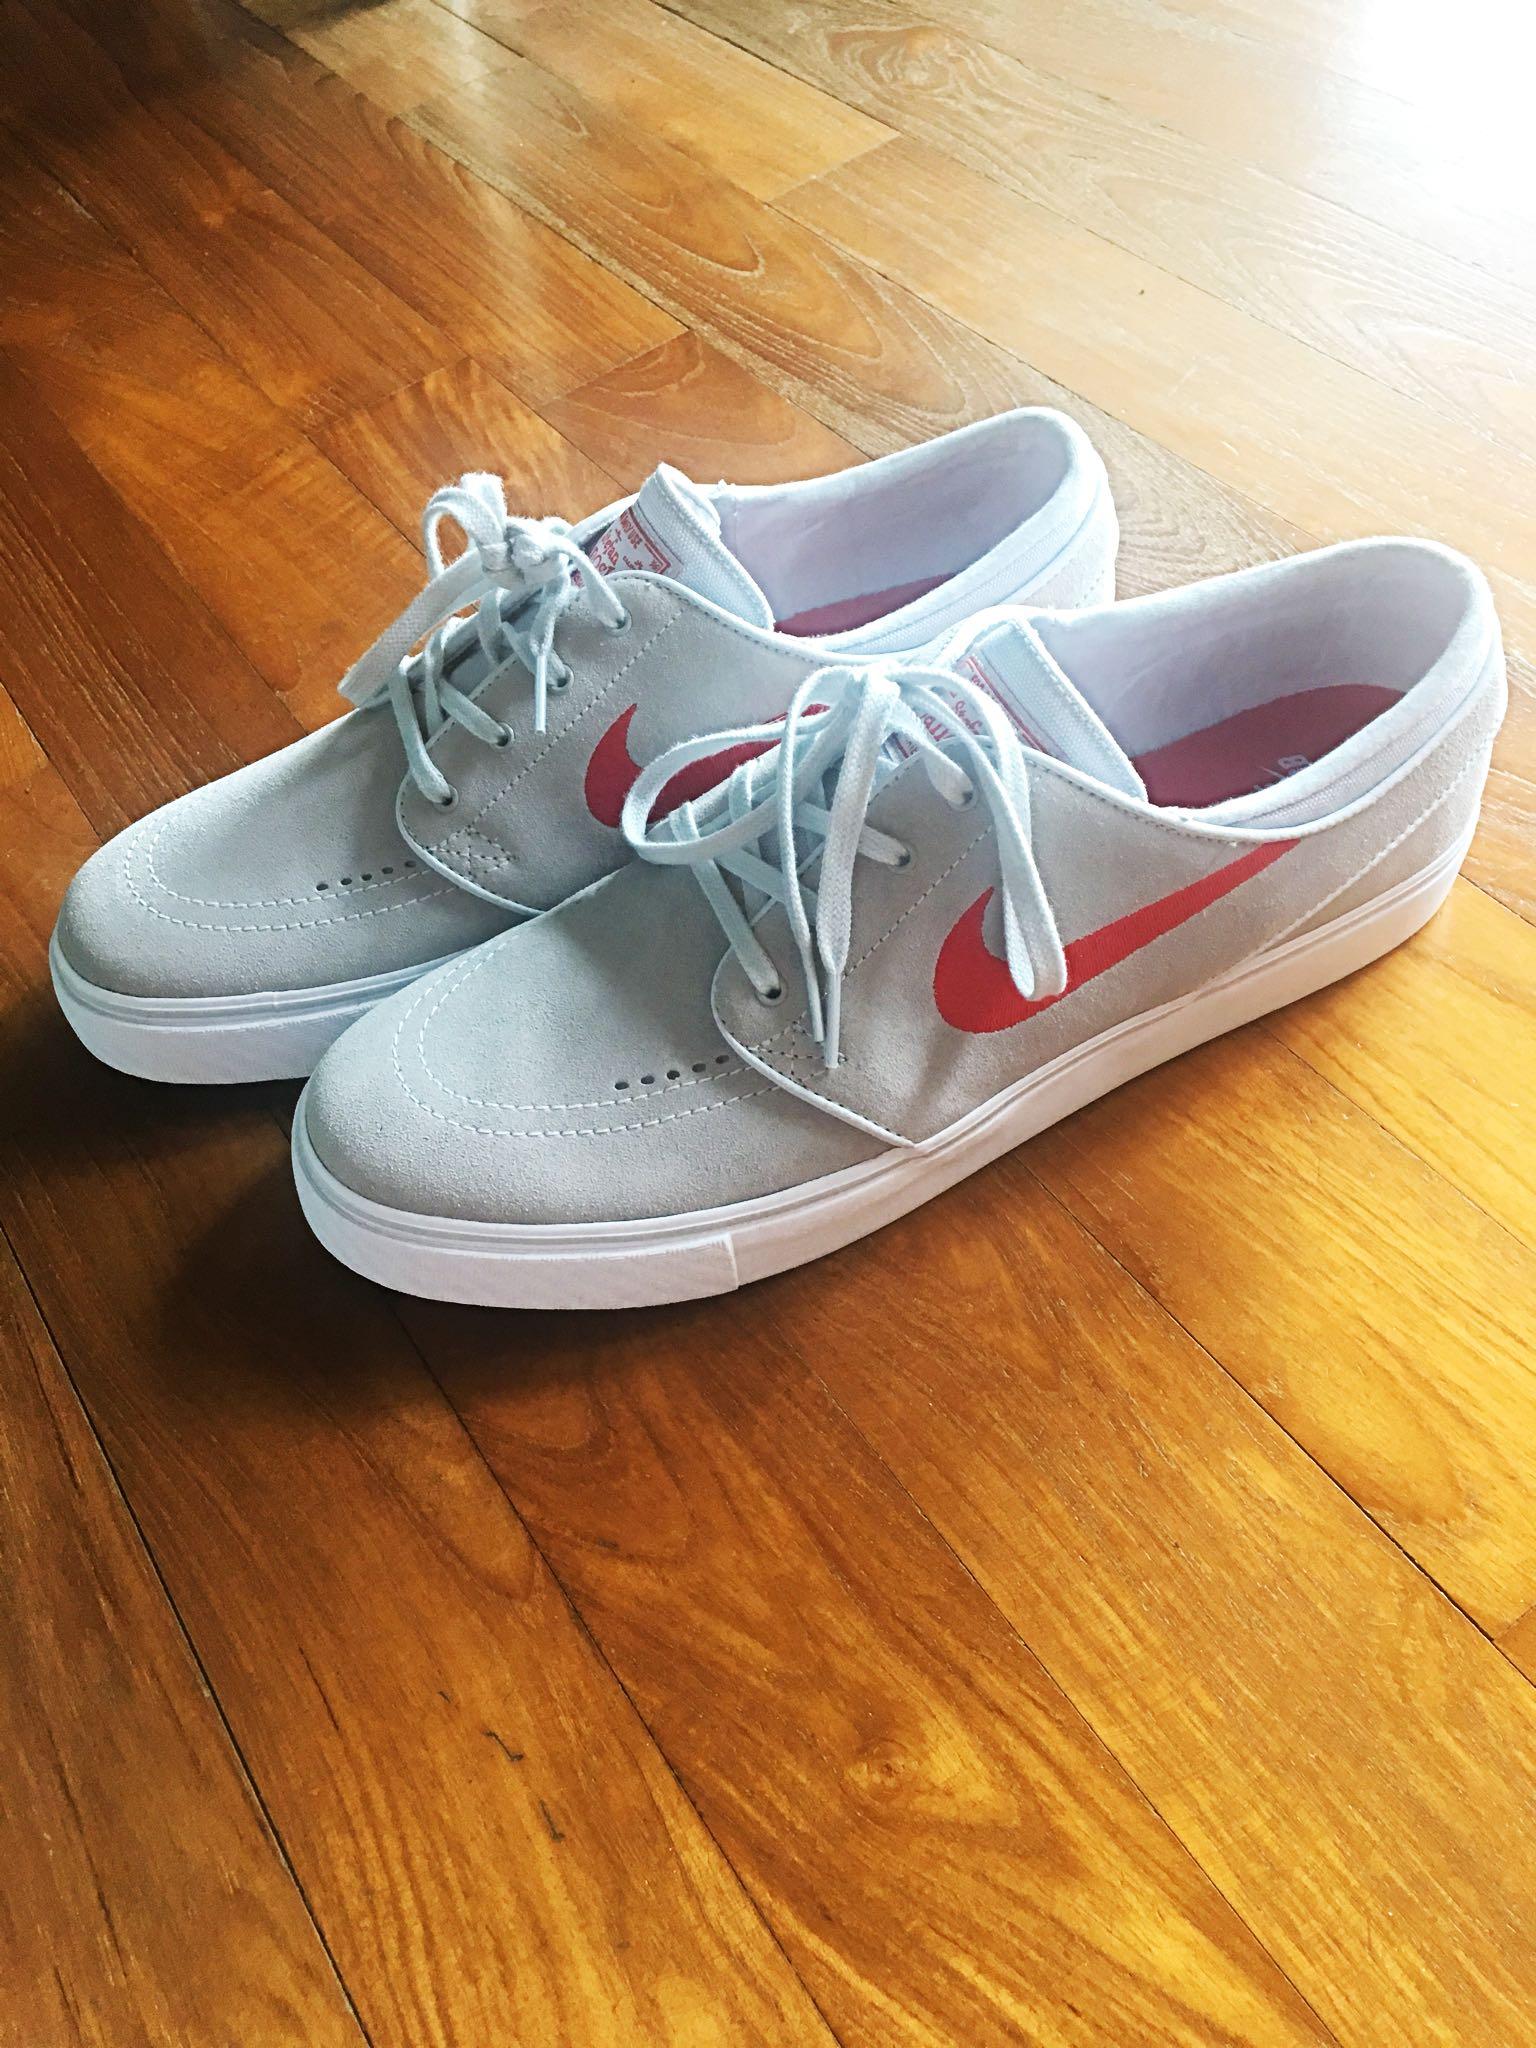 sports shoes 14a0a bd574 Nike zoom Stefan janoski, Men s Fashion, Footwear, Sneakers on Carousell